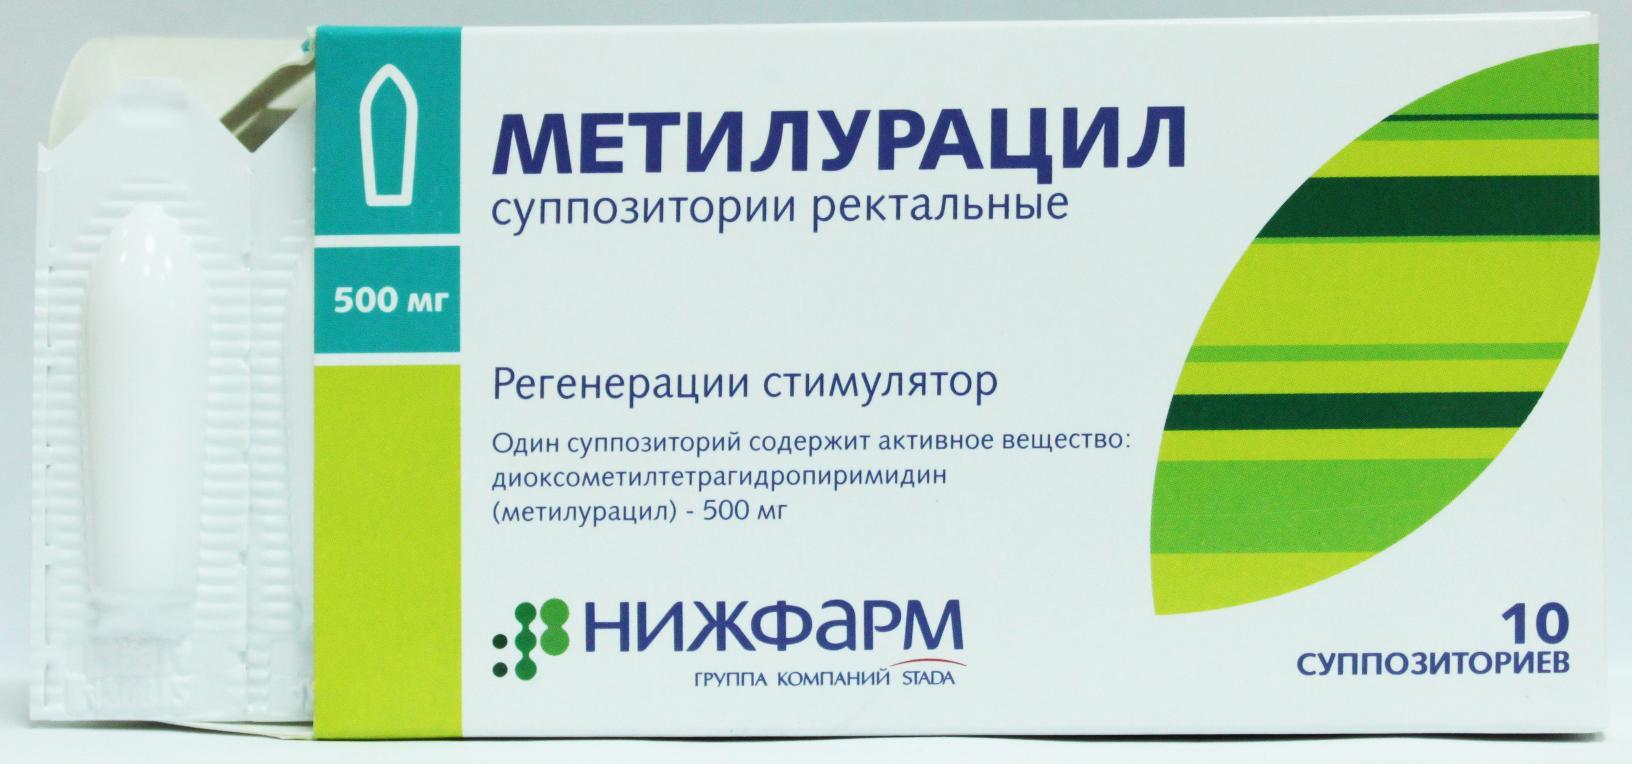 Метилурацил суппозитории рект. 500мг №10 Нижфарм